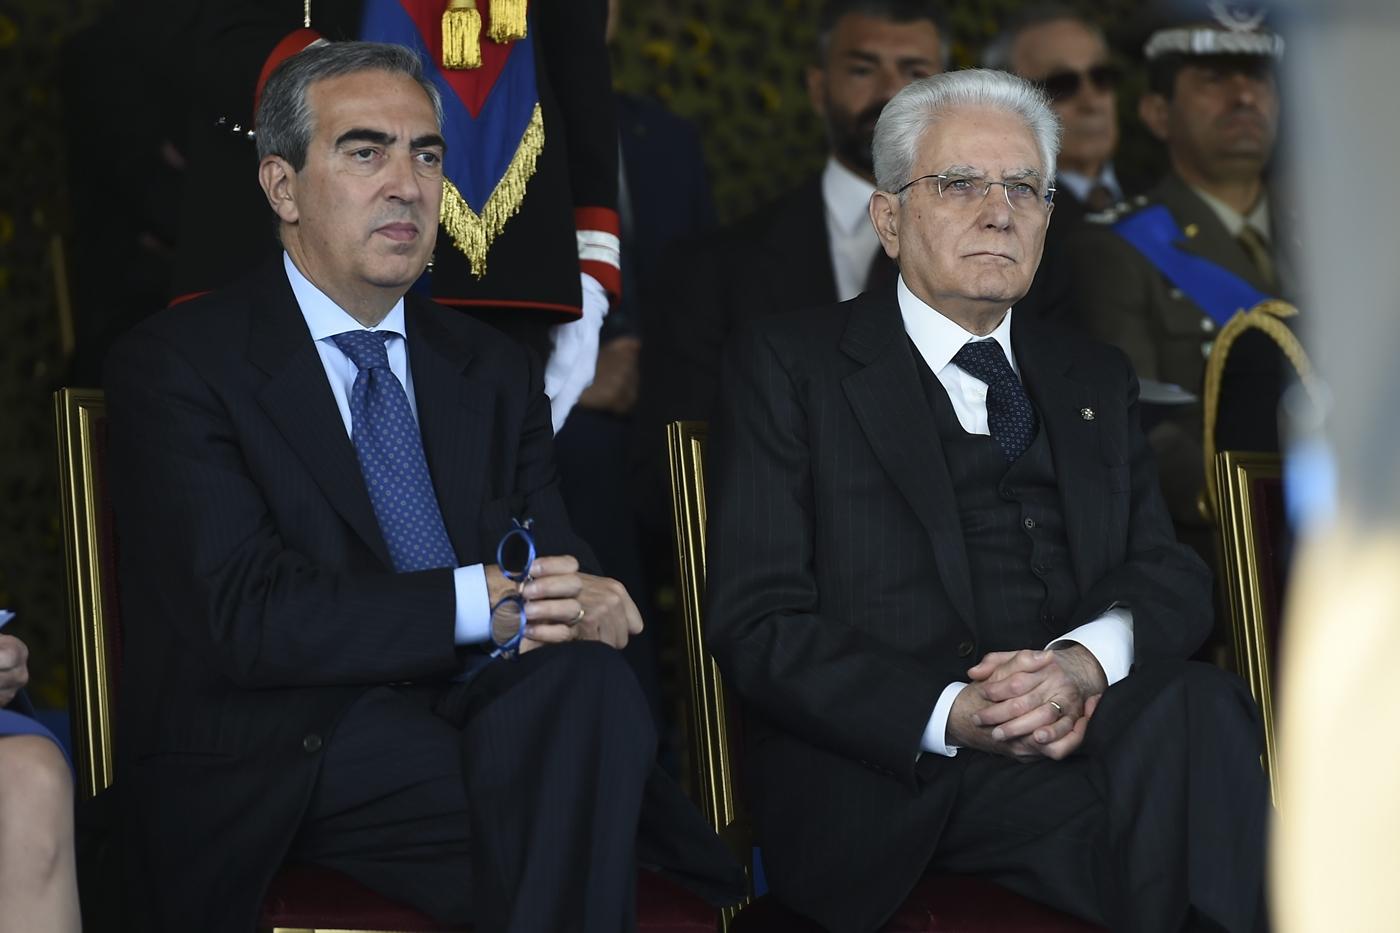 Maurizio Gasparri e Sergio Mattarella